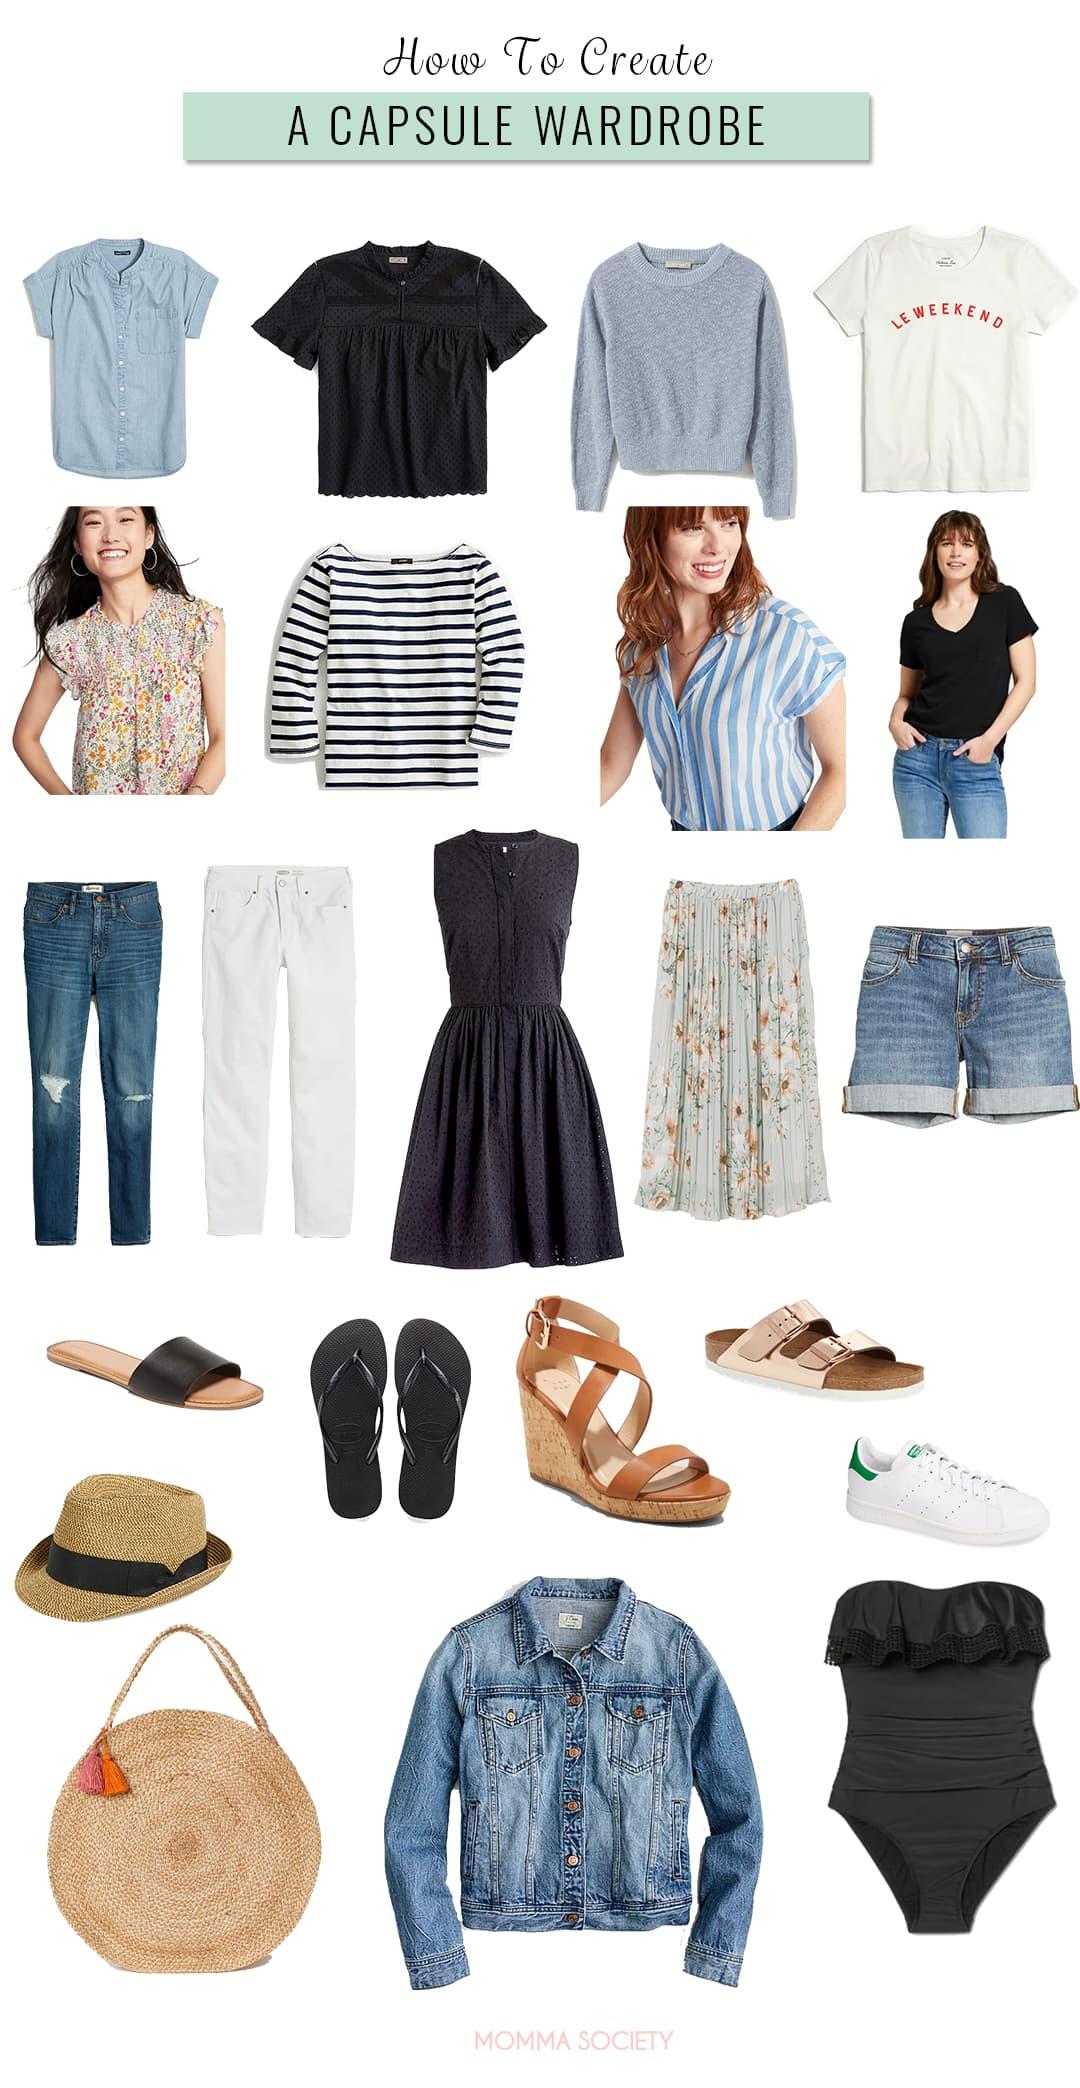 How to Build a Capsule Wardrobe | Momma Society